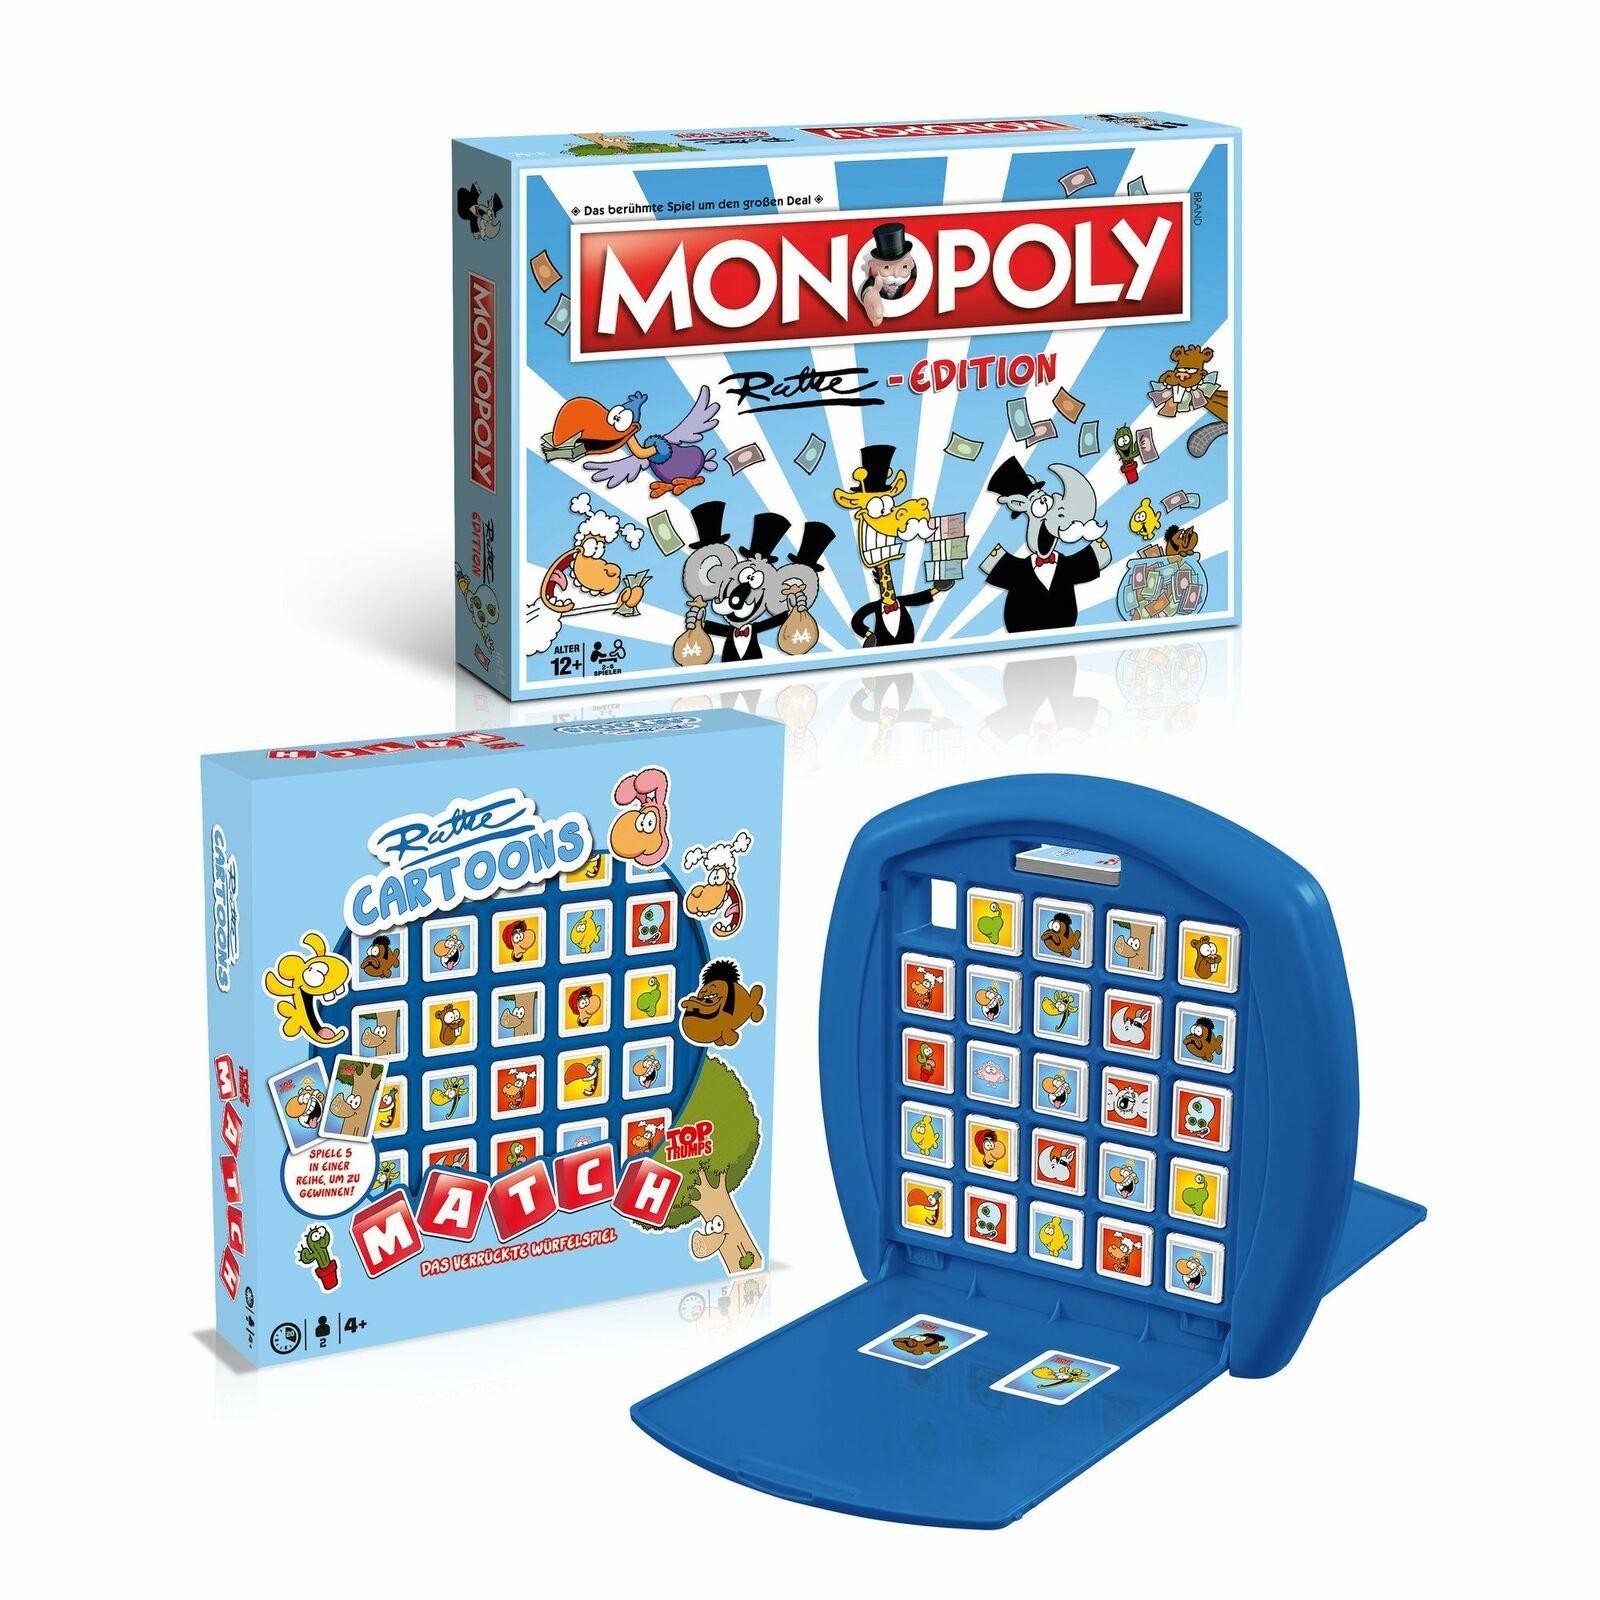 Bild zu Monopoly Ruthe und Match Ruthe im Bundle für 23,99€ (Vergleich: 44,95€)